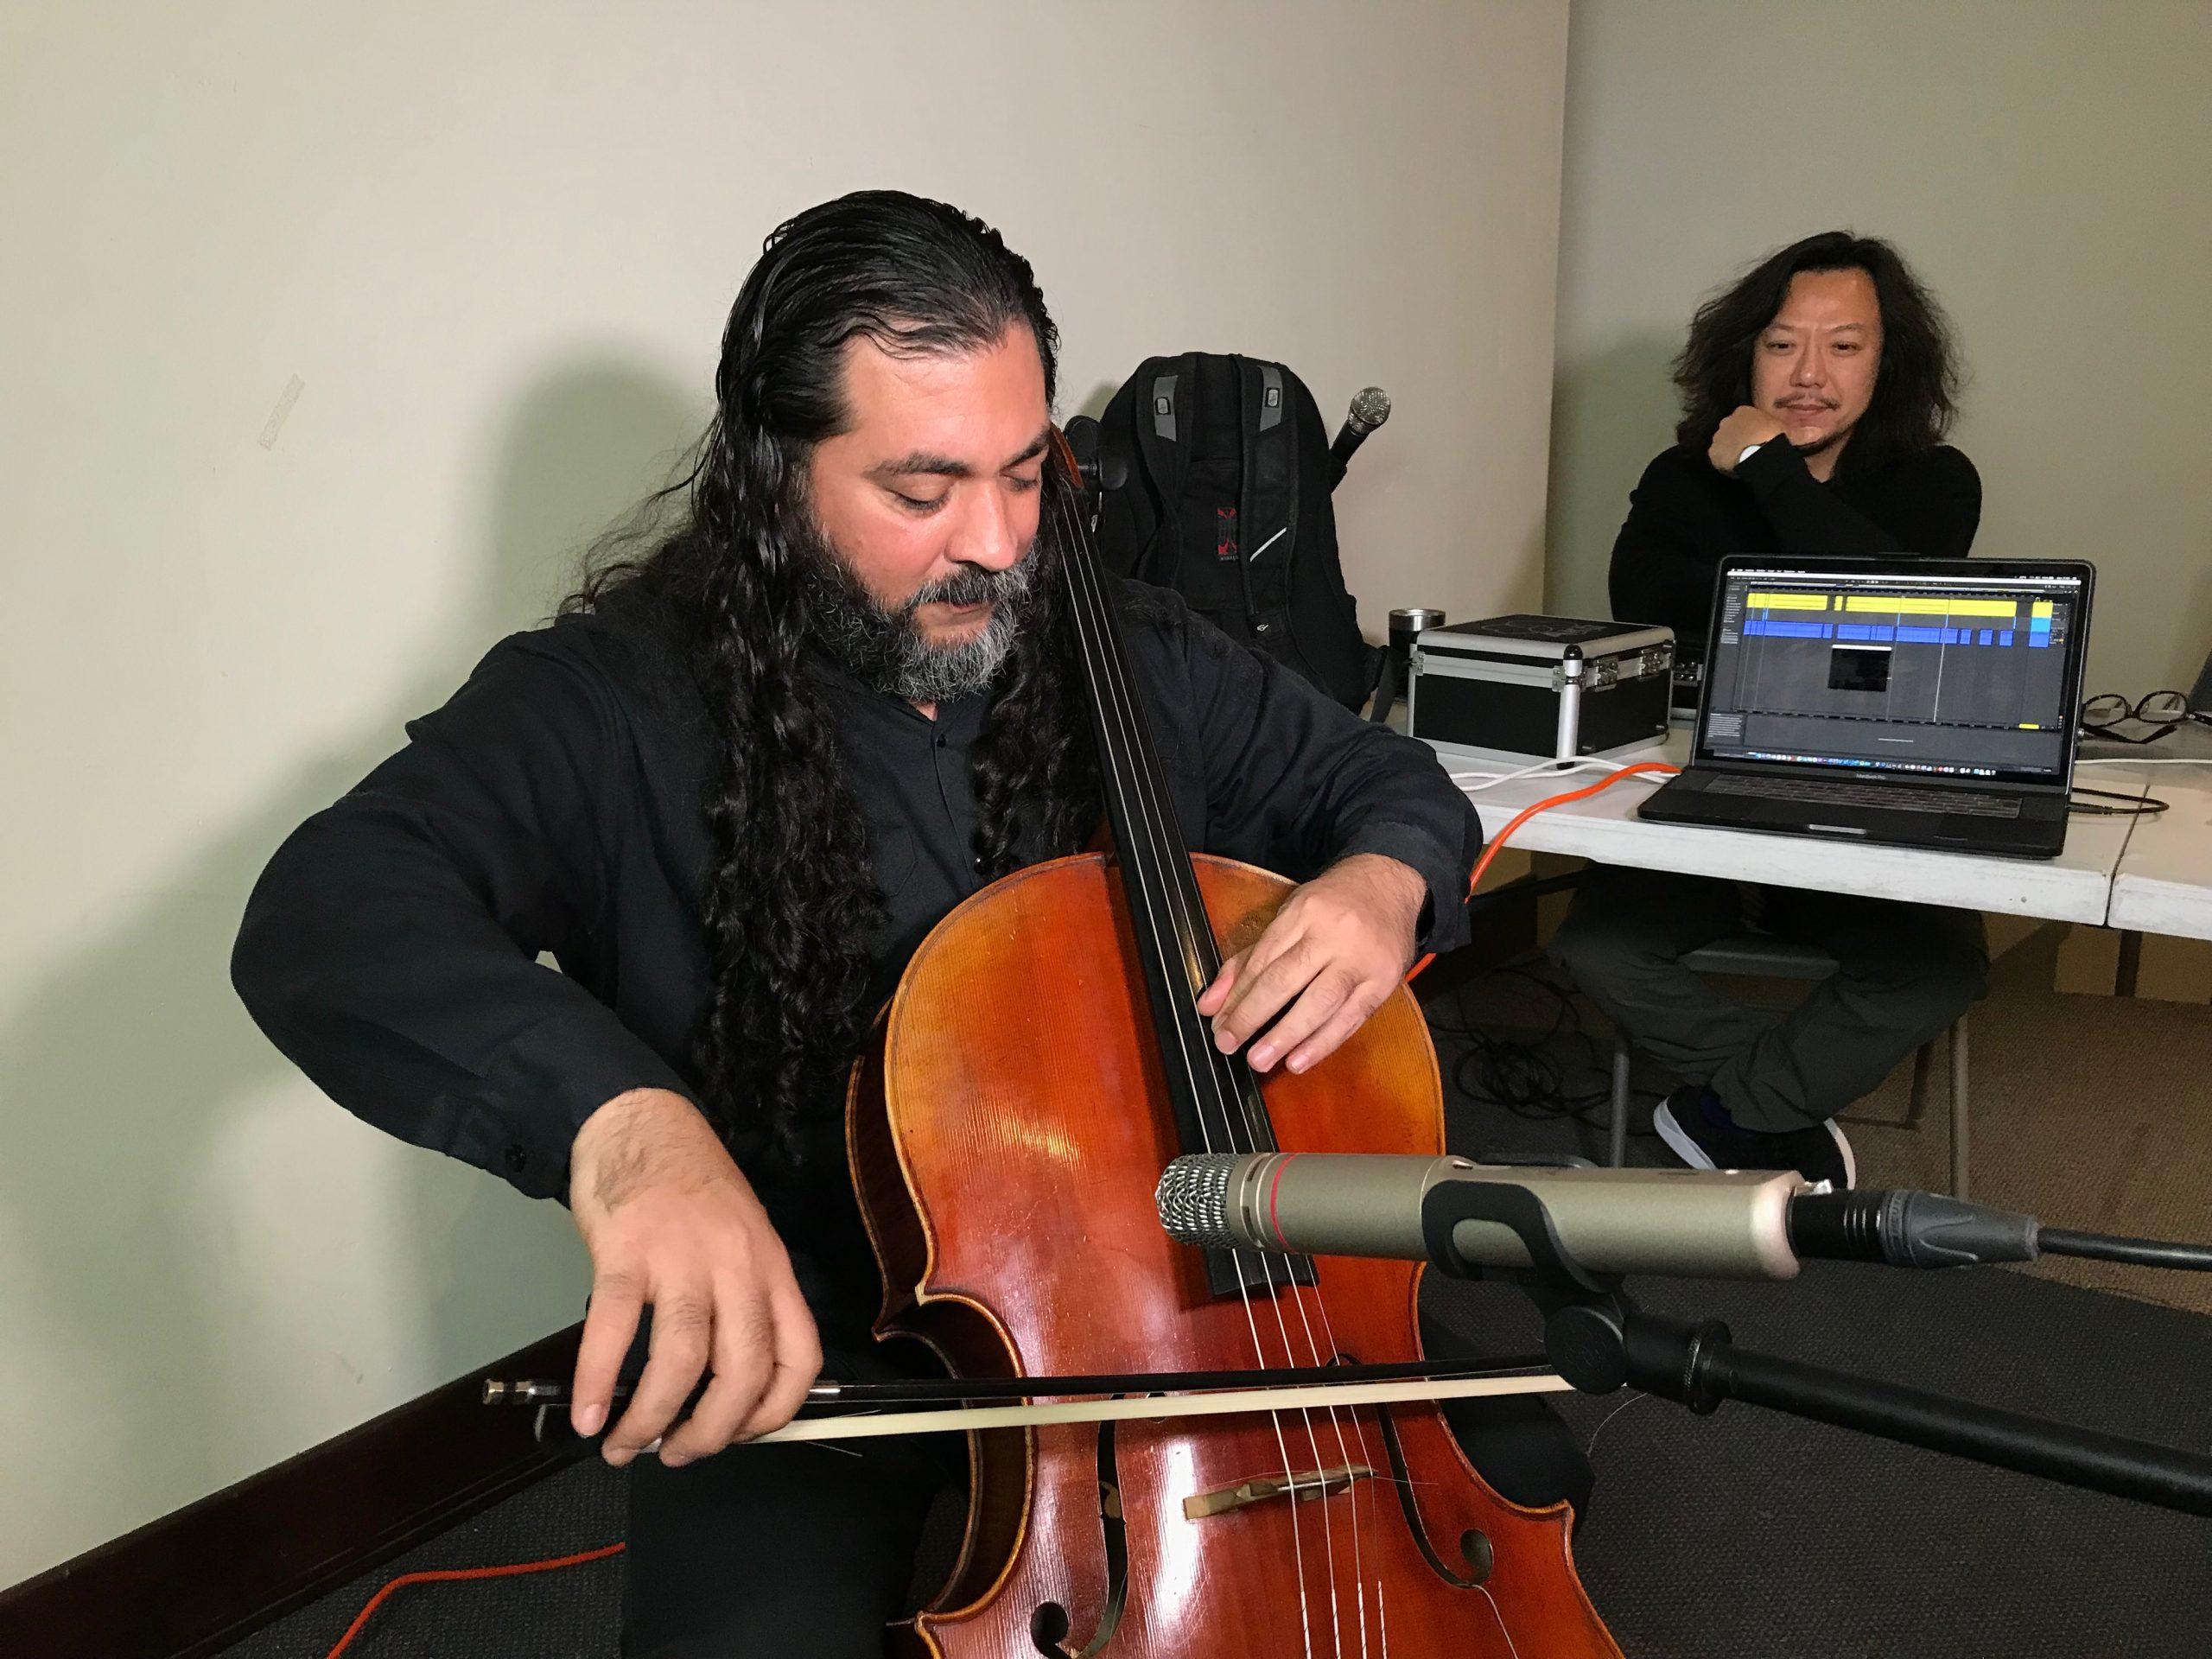 La música de los chamanes es moderna y desde las raíces: Tetsuya Hori